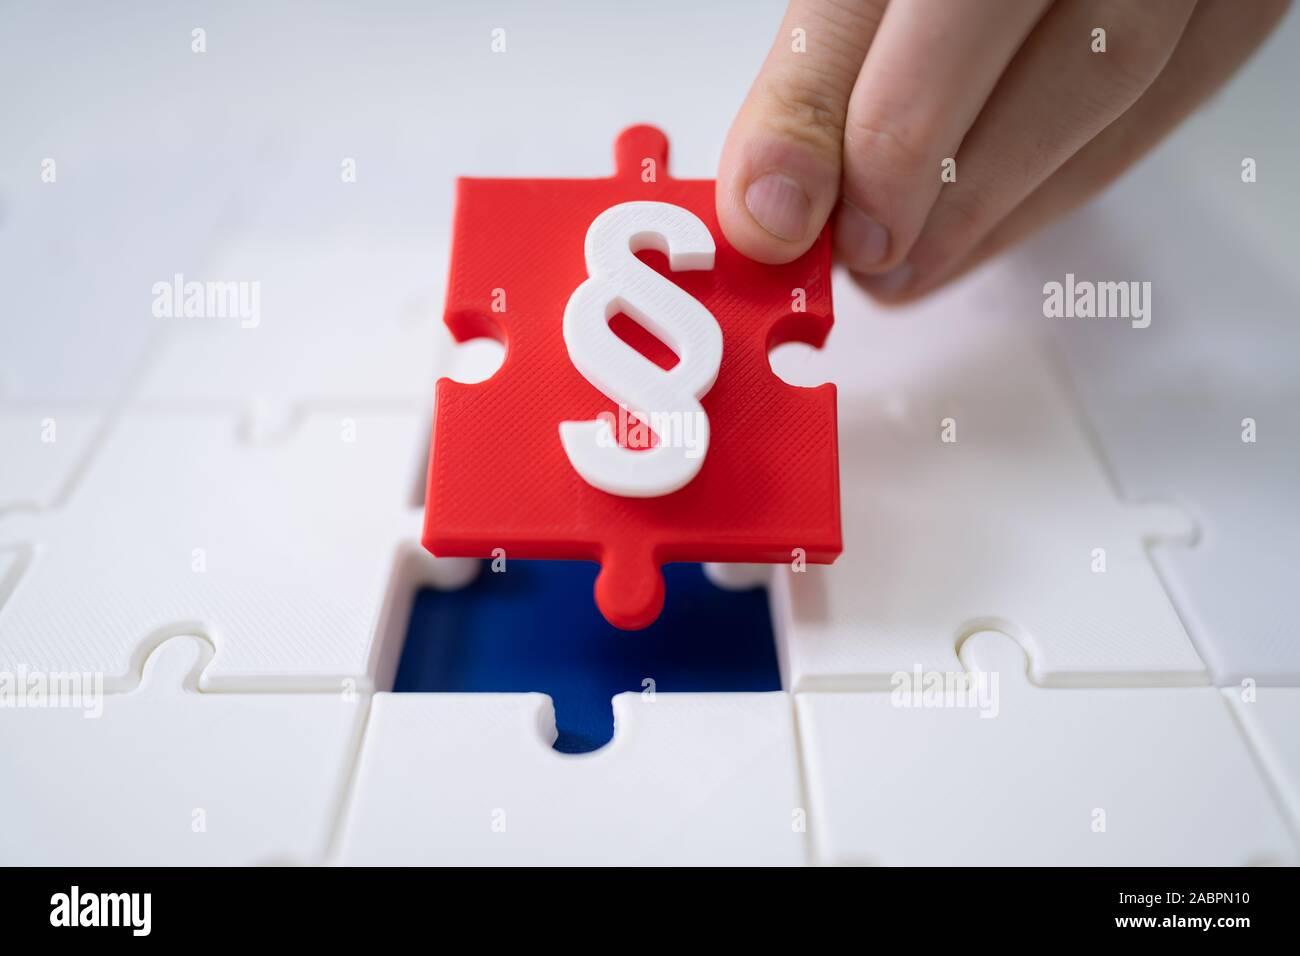 Una persona que conecte la última pieza roja con el símbolo de párrafo en los rompecabezas Foto de stock